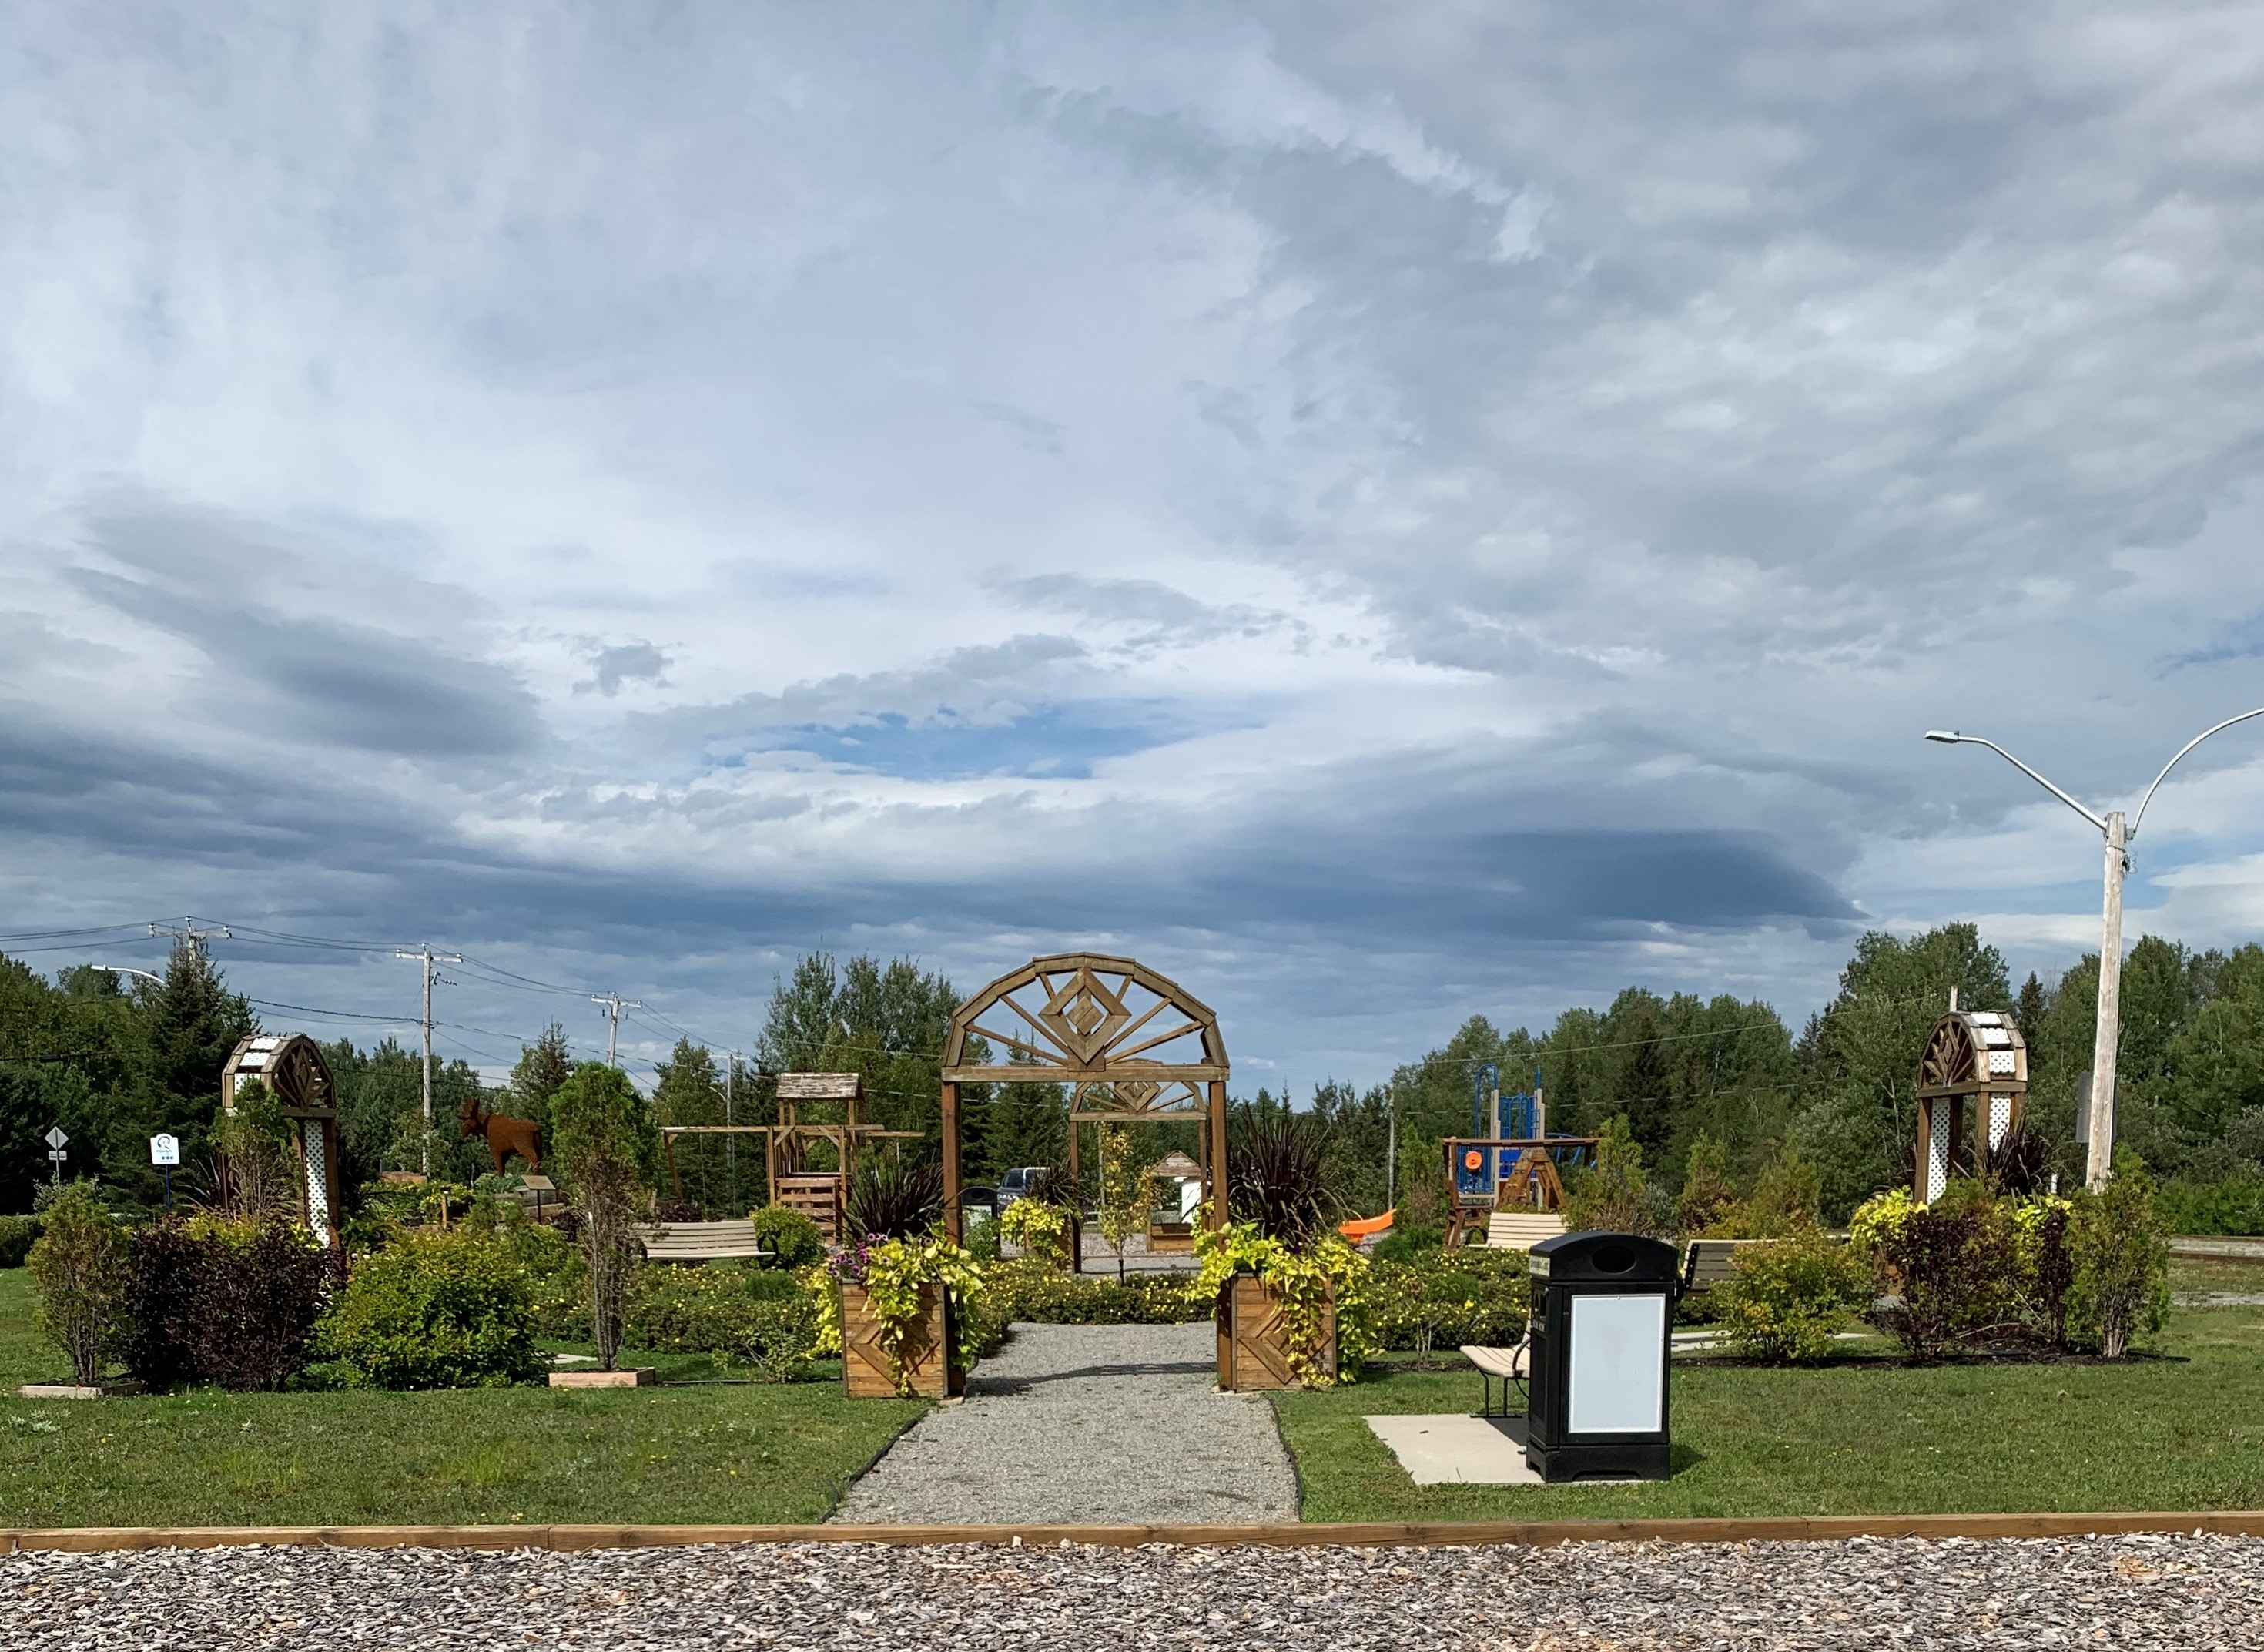 Preissac parc Tancrède Fleurons